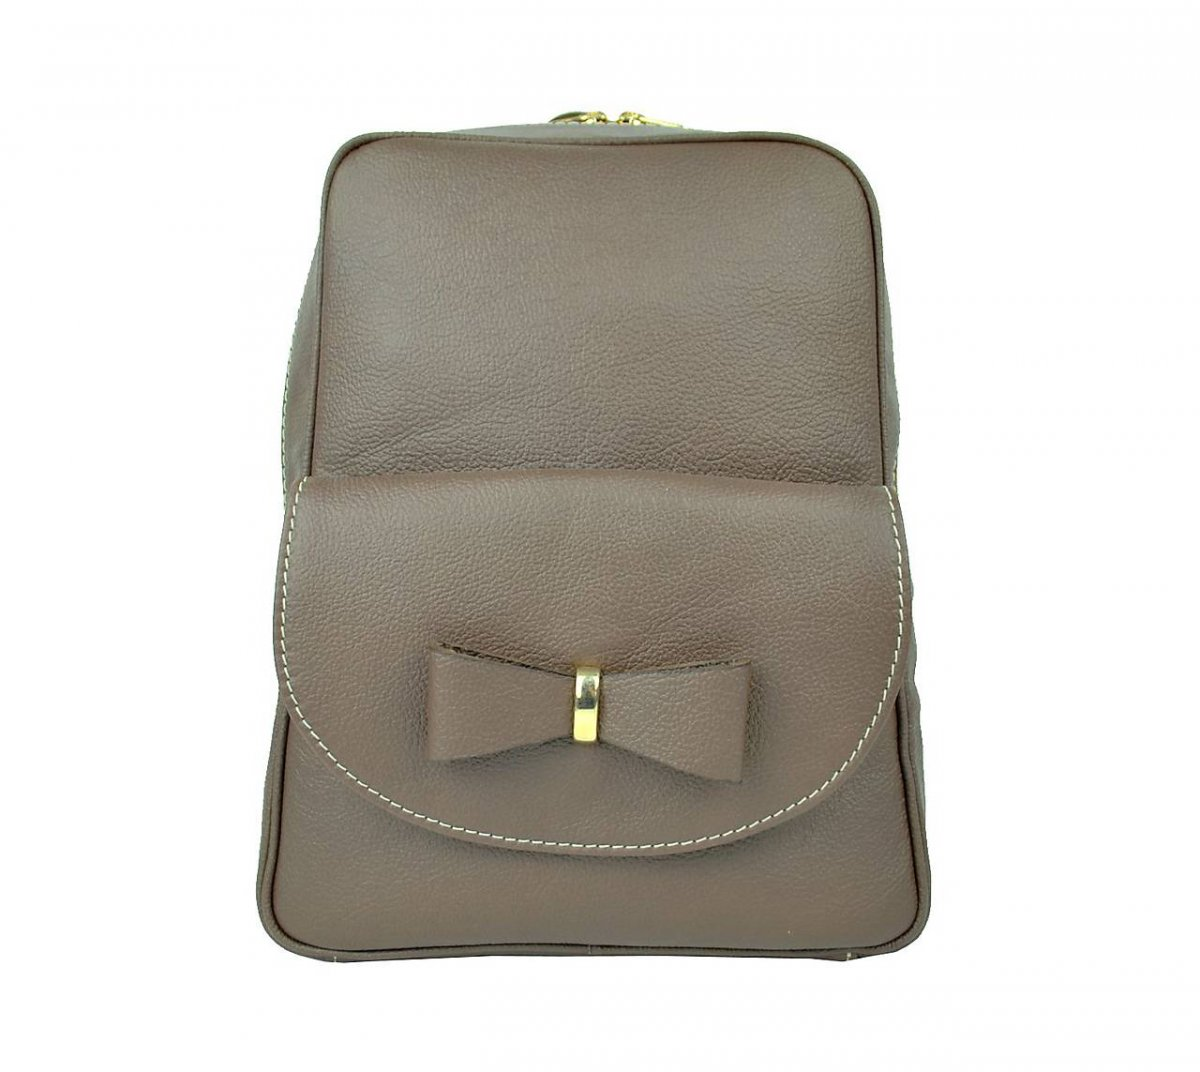 Exkluzivní kožený ruksak z pravé hovězí kůže v hnědé barvě – Potvor ... 90559c6355